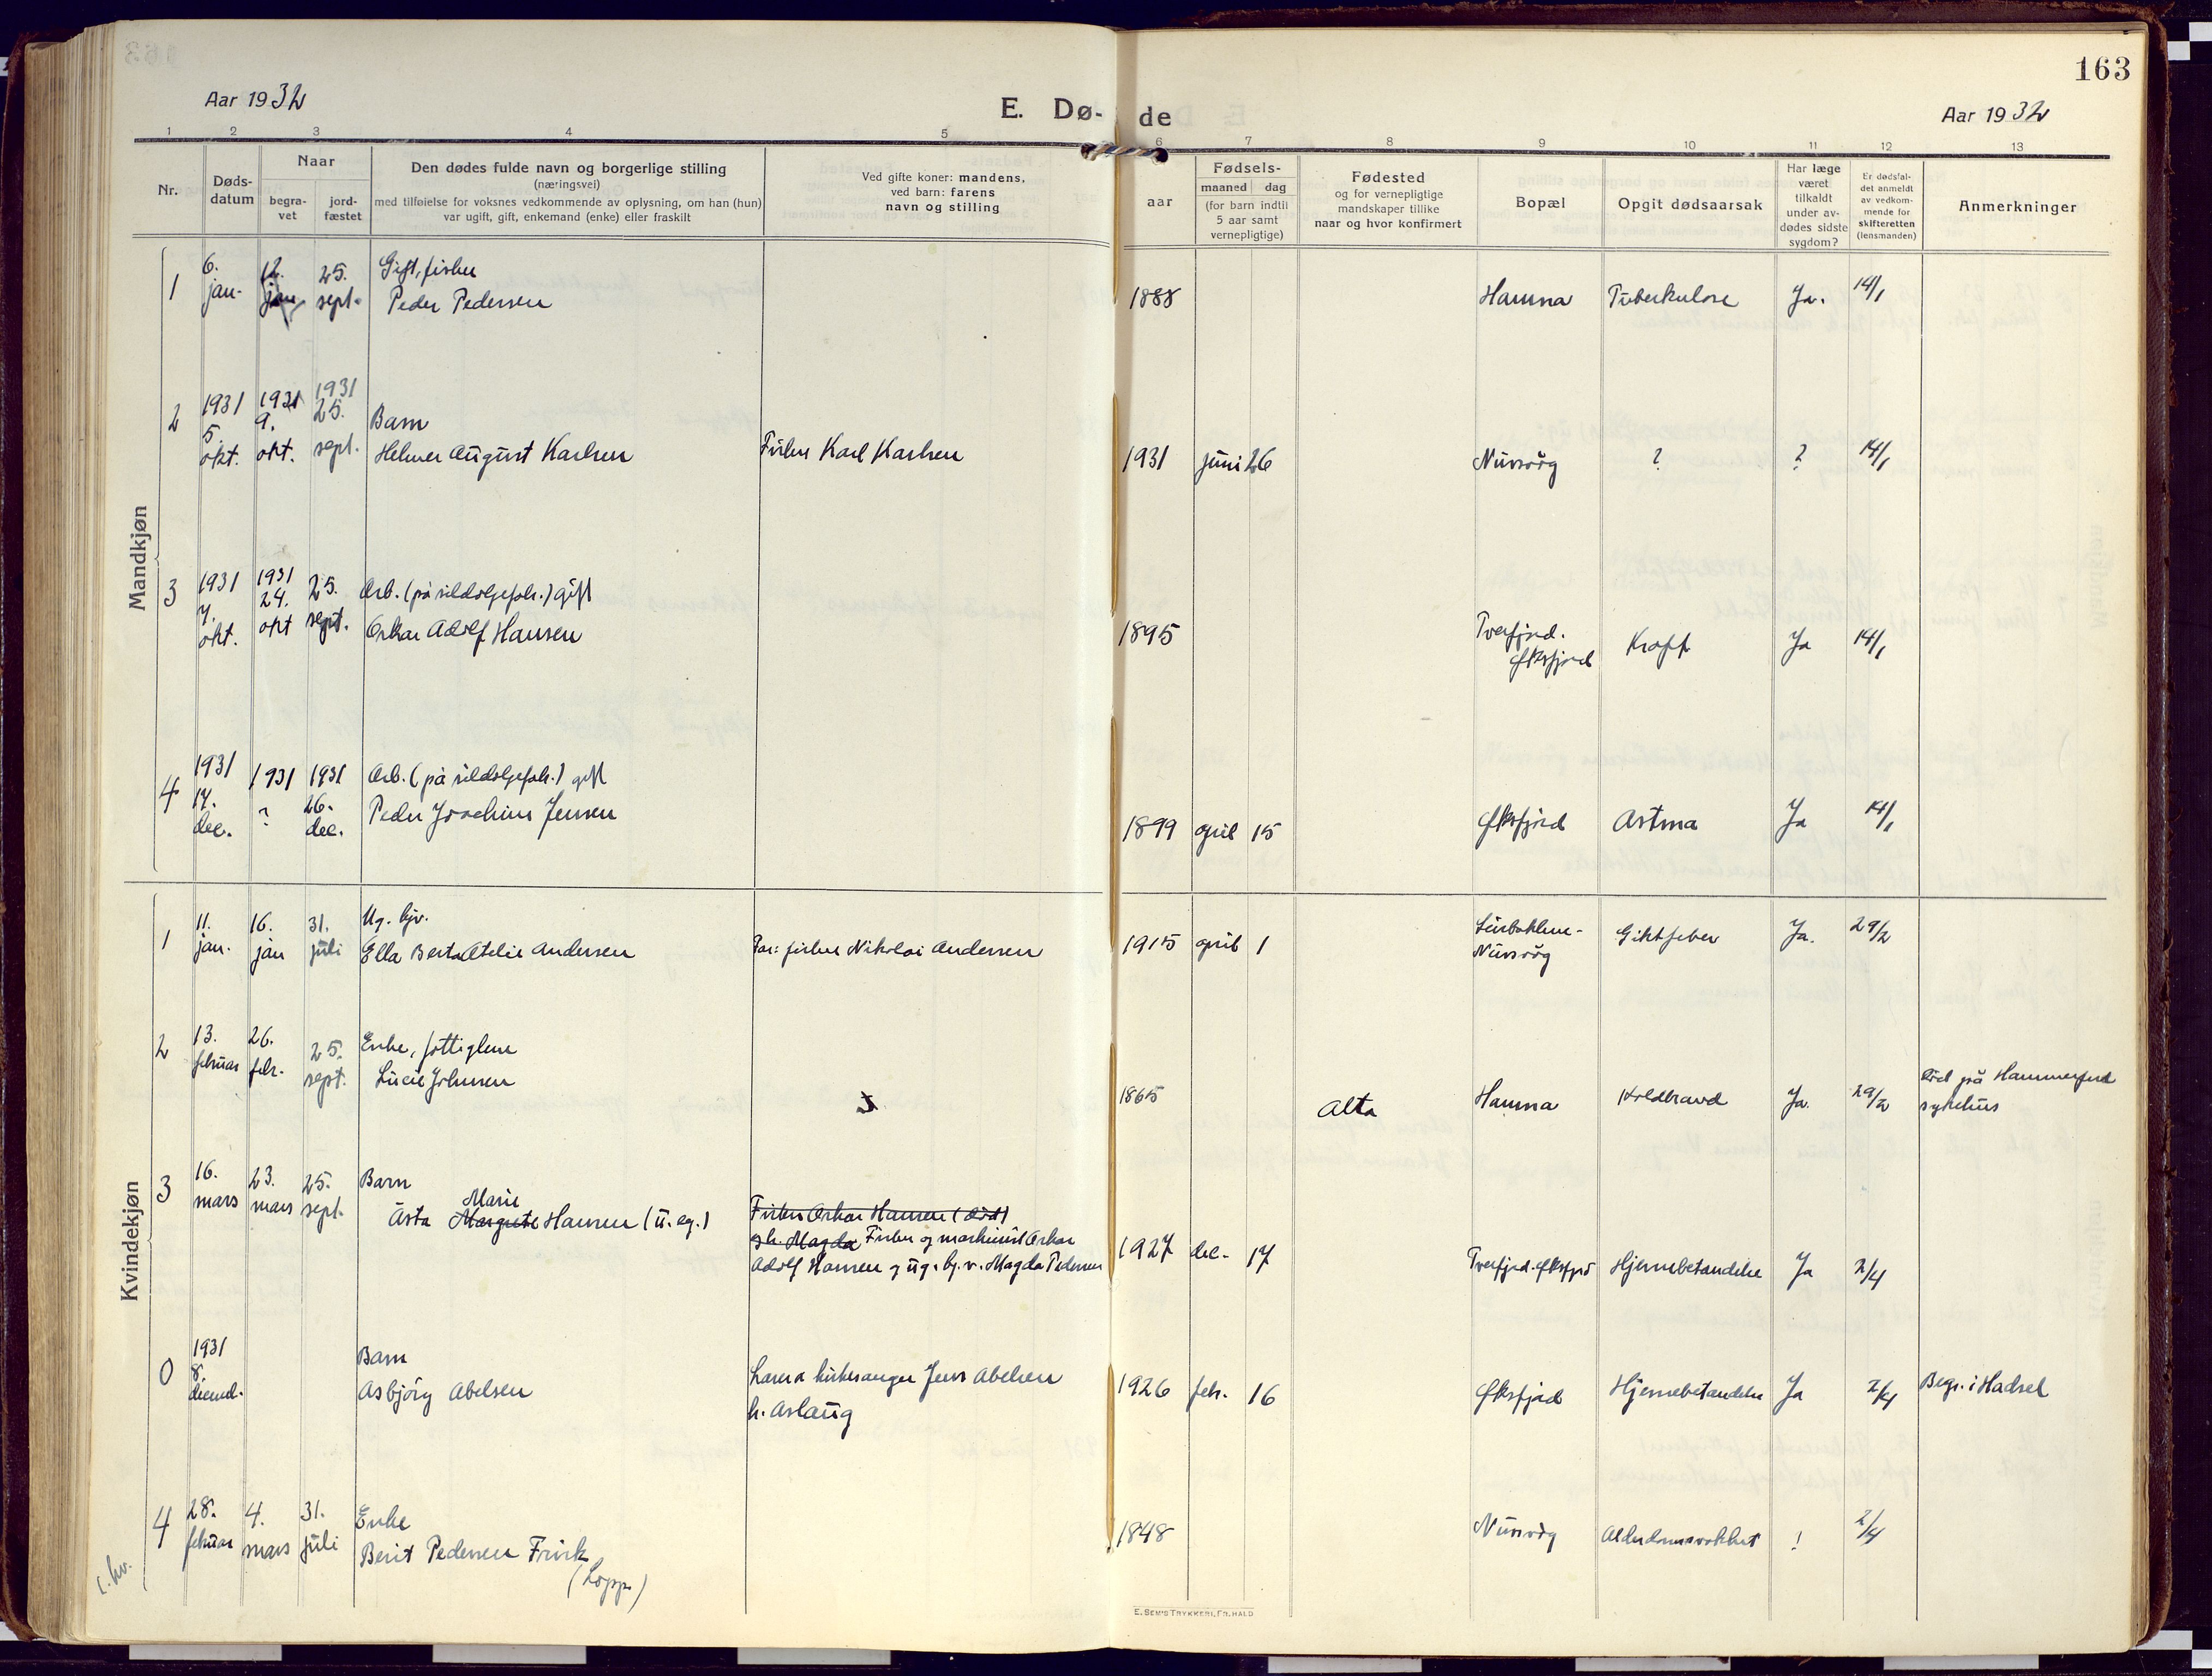 SATØ, Loppa sokneprestkontor, H/Ha/L0012kirke: Ministerialbok nr. 12, 1917-1932, s. 163